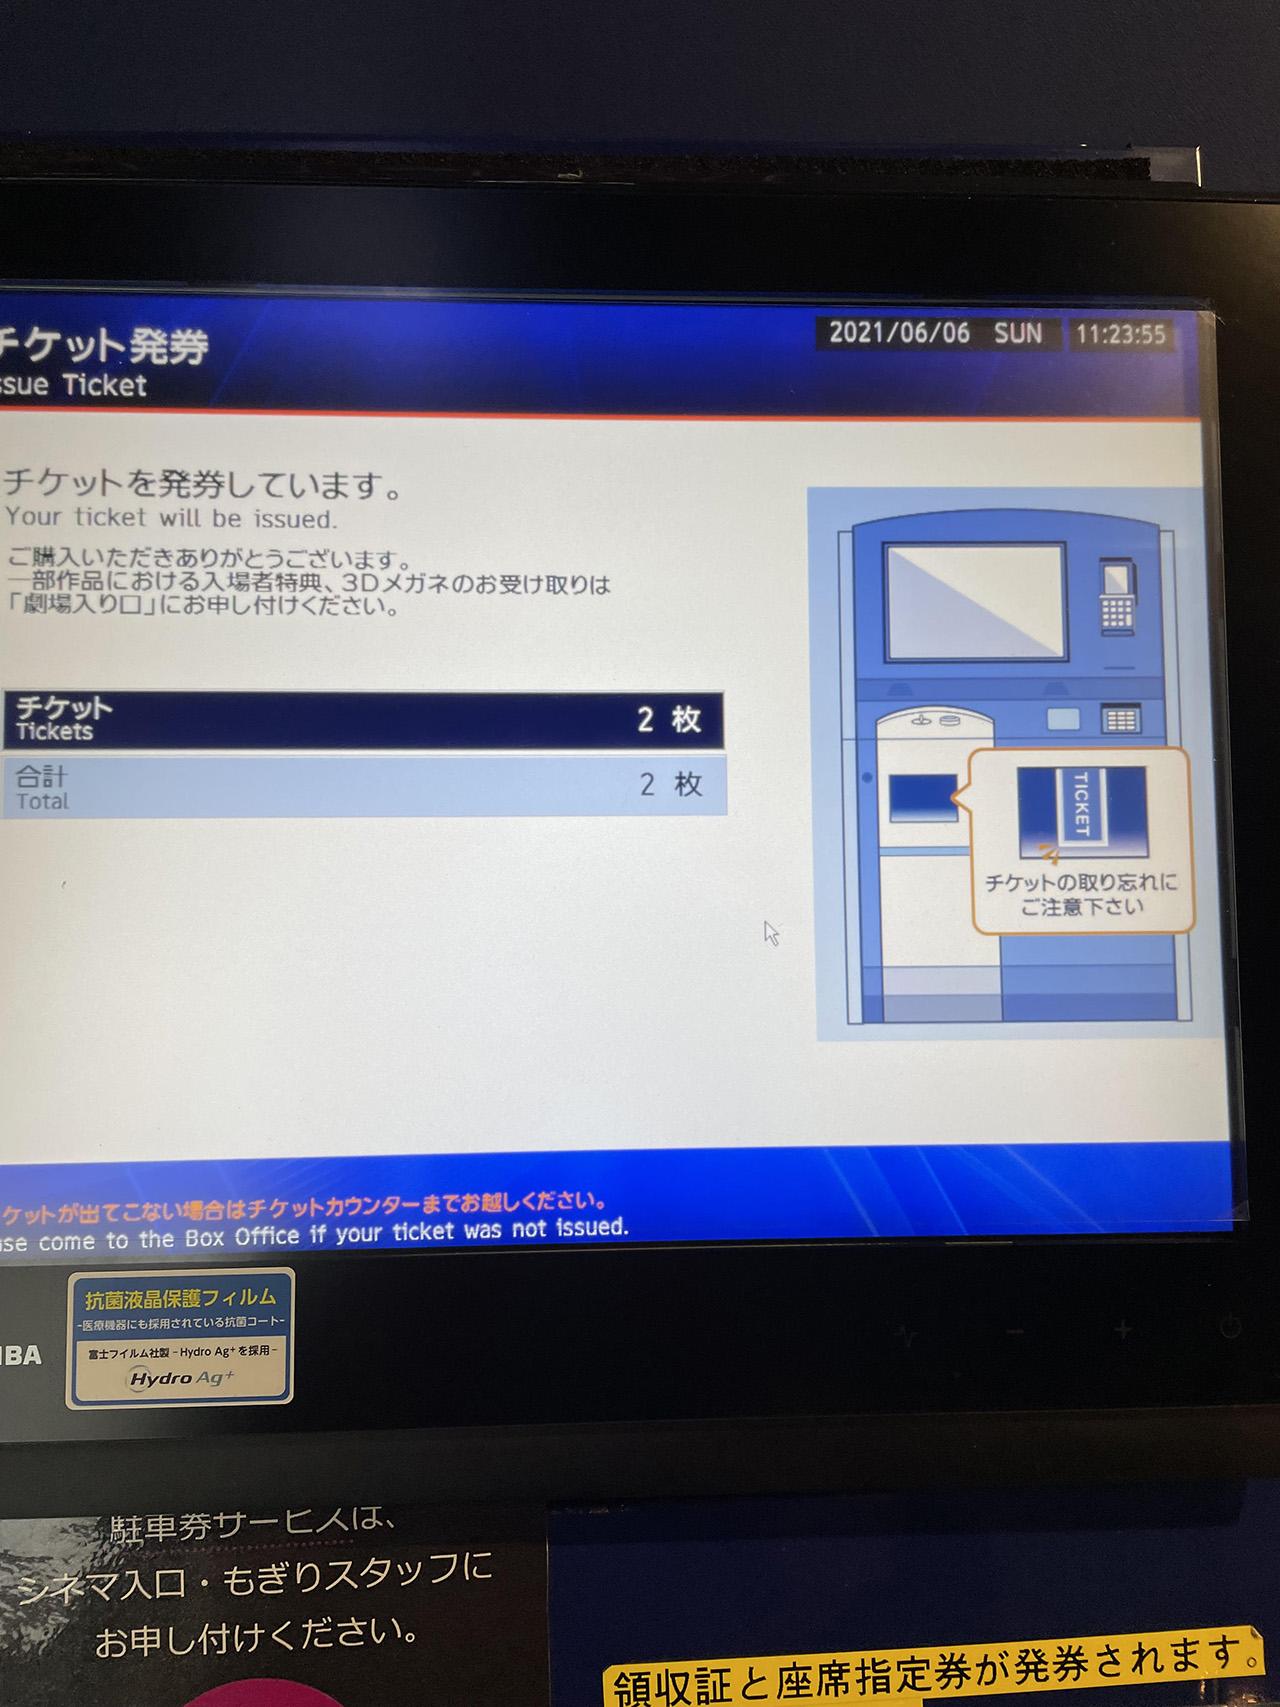 券売機で発見する画面の写真